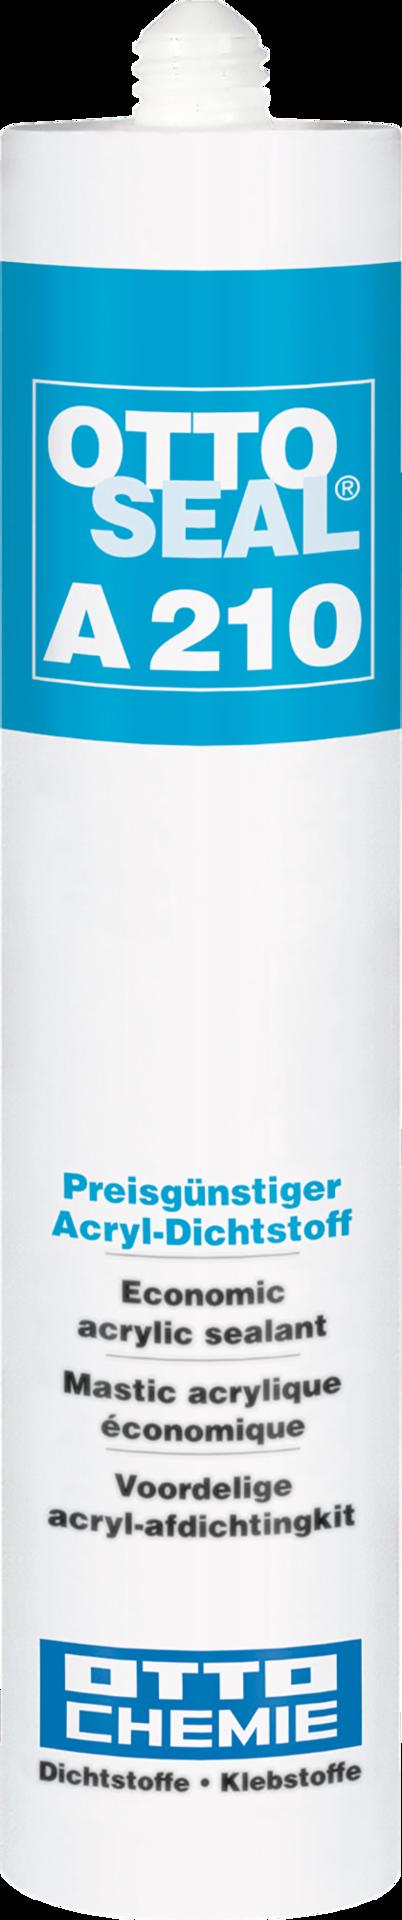 OTTOSEAL A210 Der preisgünstige Acryl-Dichtstoff